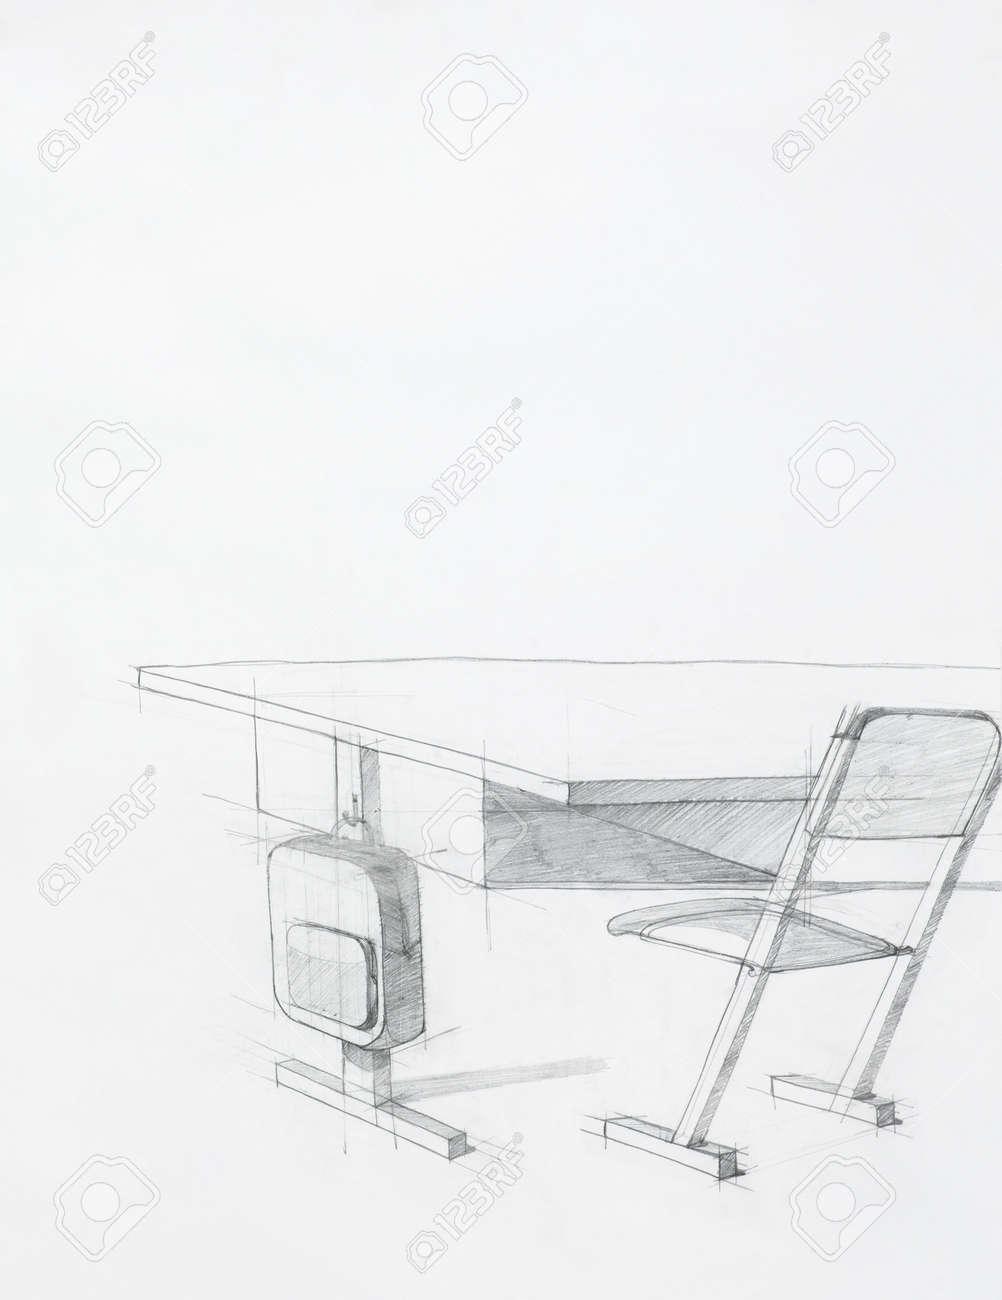 Schreibtisch gezeichnet  Hand Gezeichnete Skizze Der Schule Schreibtisch Und Stuhl ...